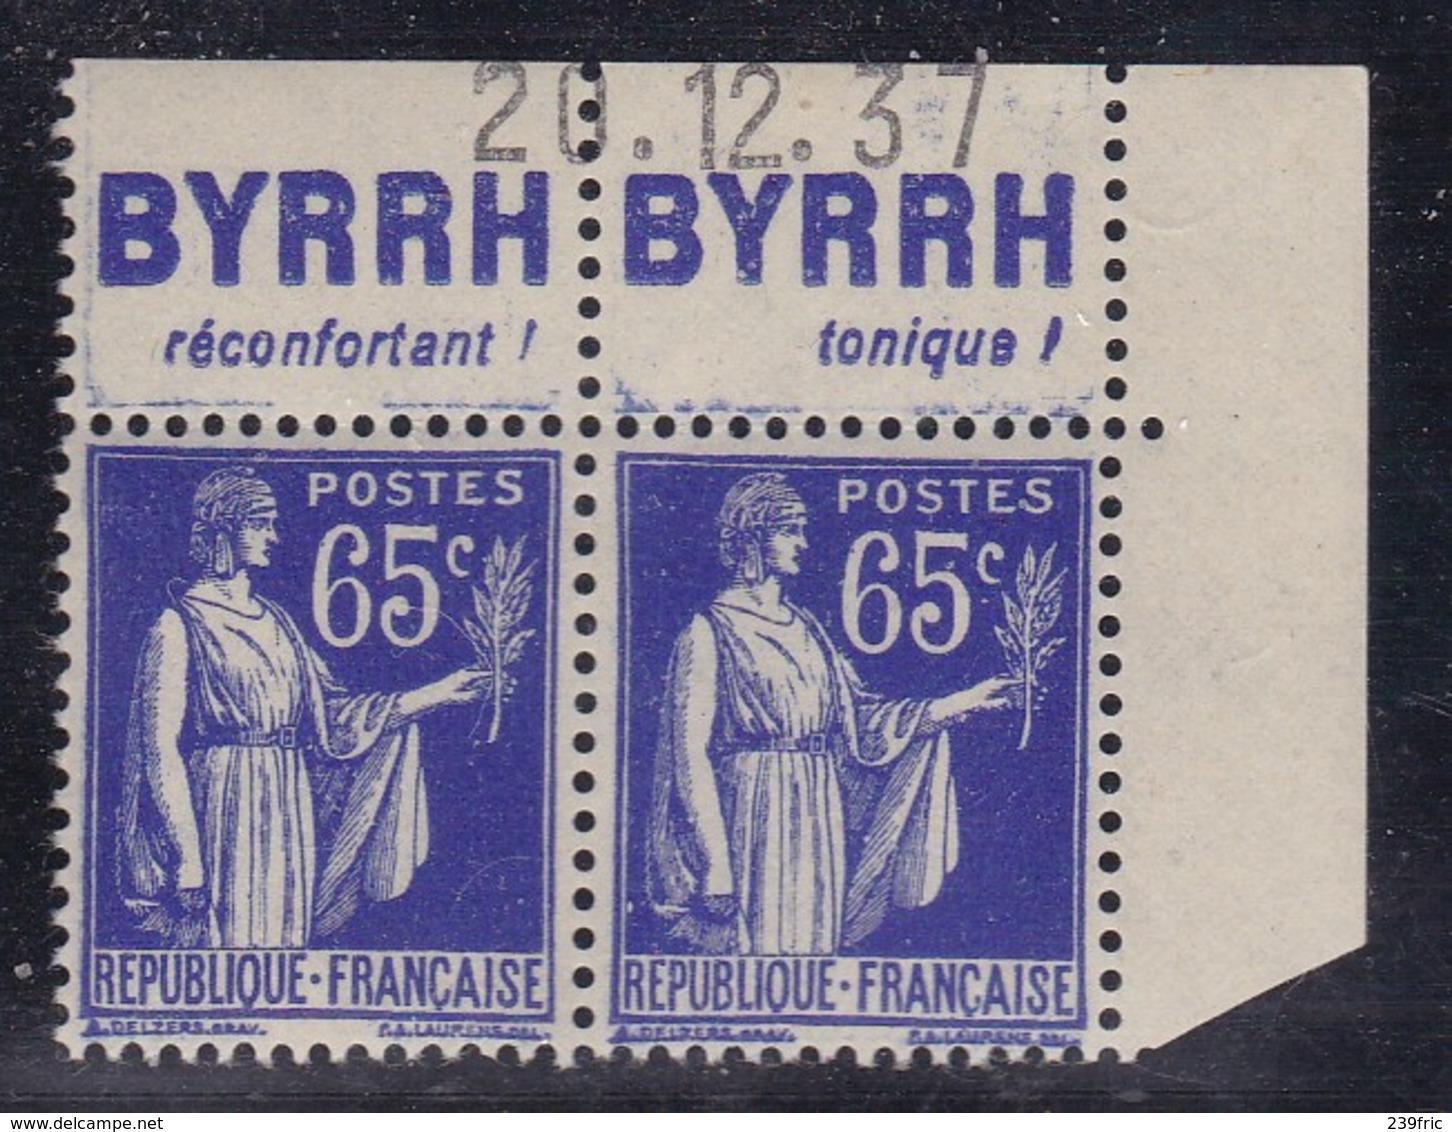 PUBLICITE: TYPE PAIX 65C BLEU PAIRE BYRRH-réconfortant Tonique NEUF* ACCP986-987 C16E - Advertising